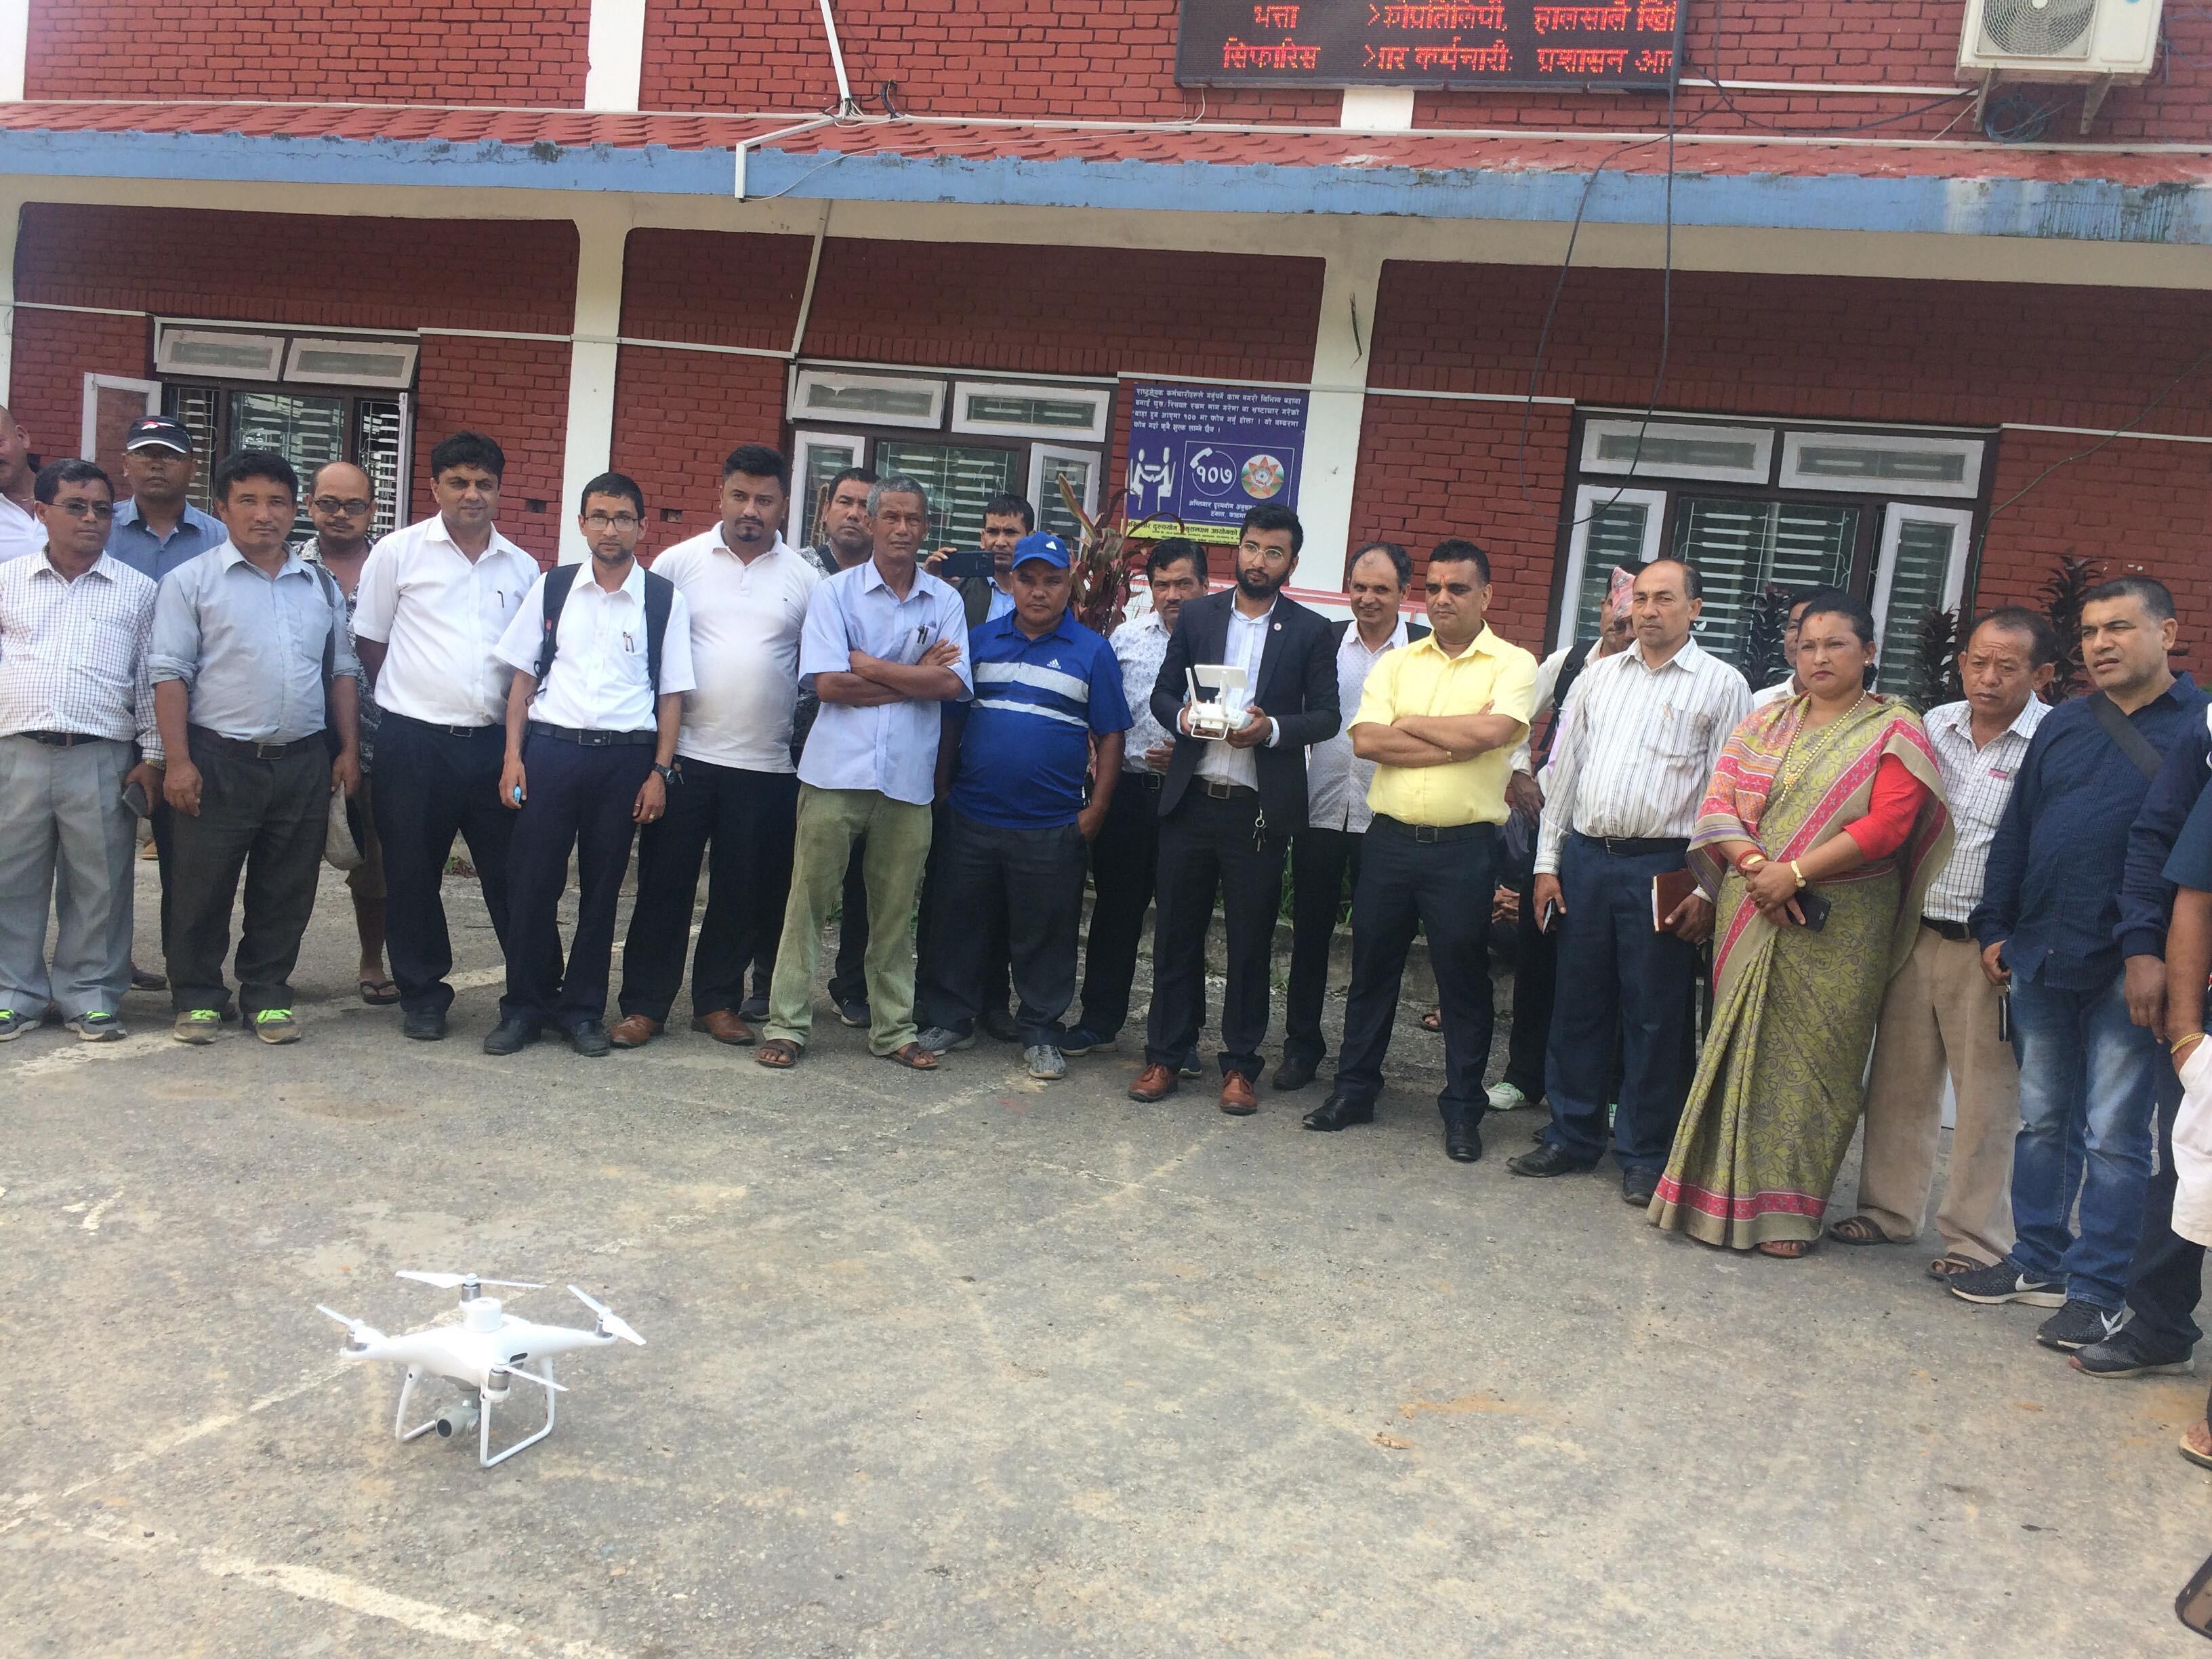 ड्रोन परीक्षण गर्दै गोरखा नगरपालिकाका जनप्रतिनिधी र कर्मचारीहरू। तस्बिरः अनुपमा खनाल